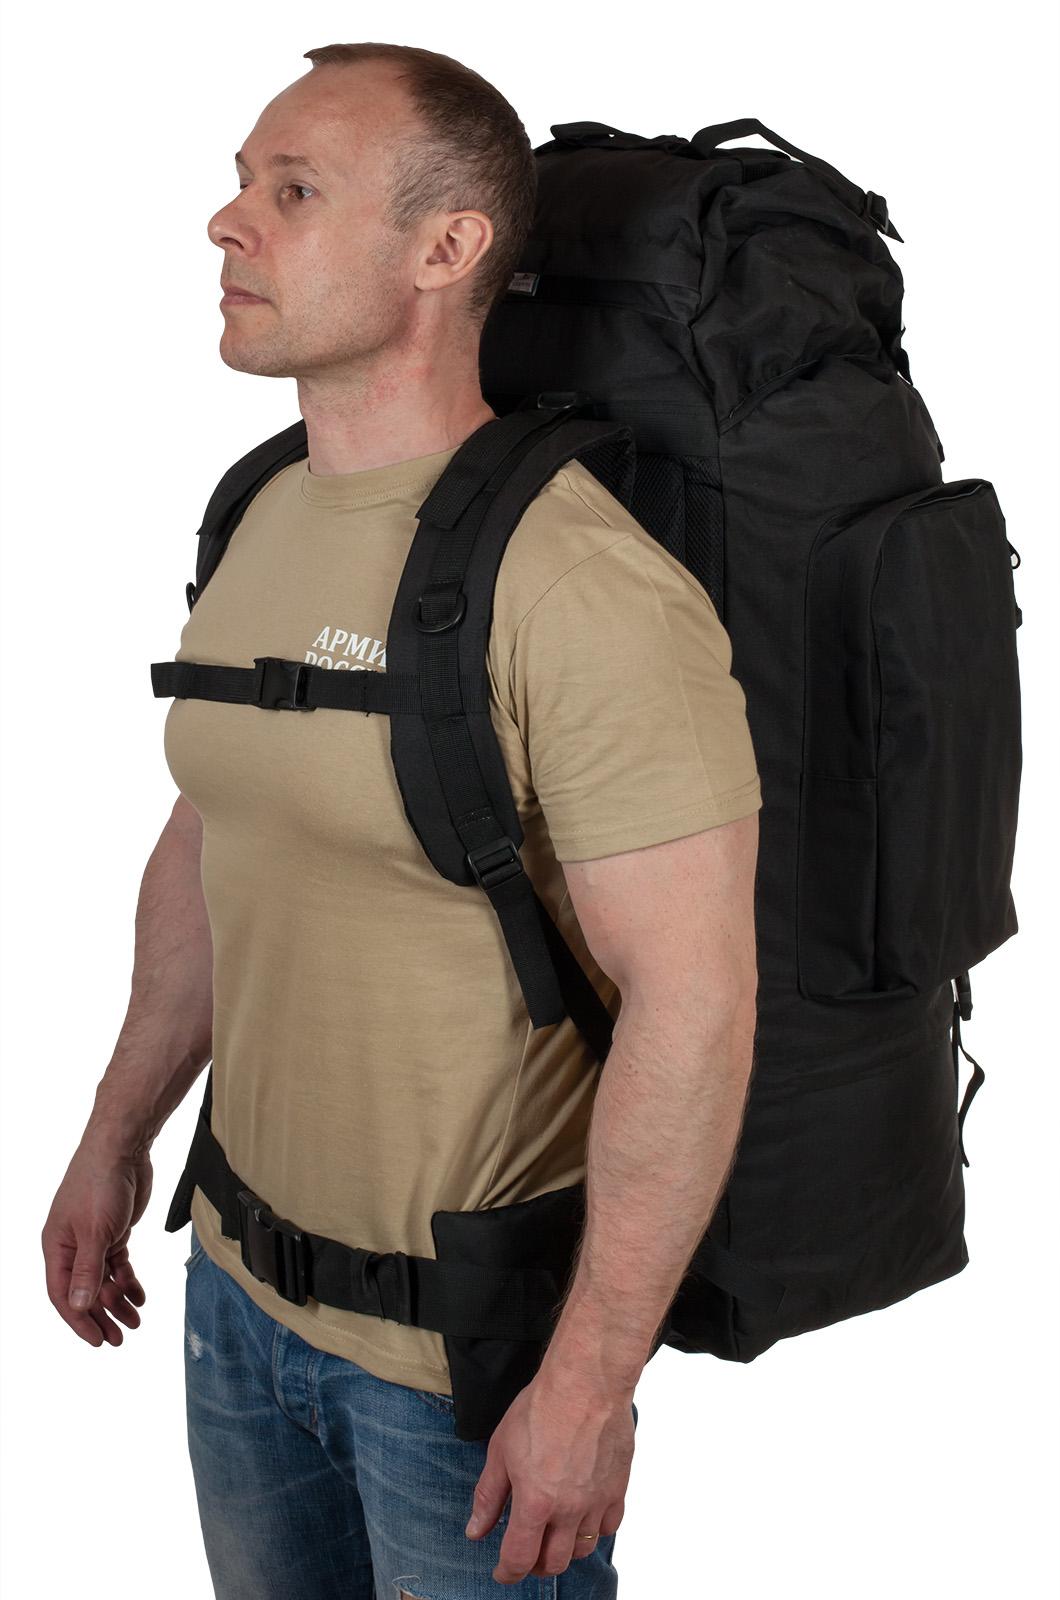 Многодневный тактический рюкзак ФСО Max Fuchs - заказать выгодно